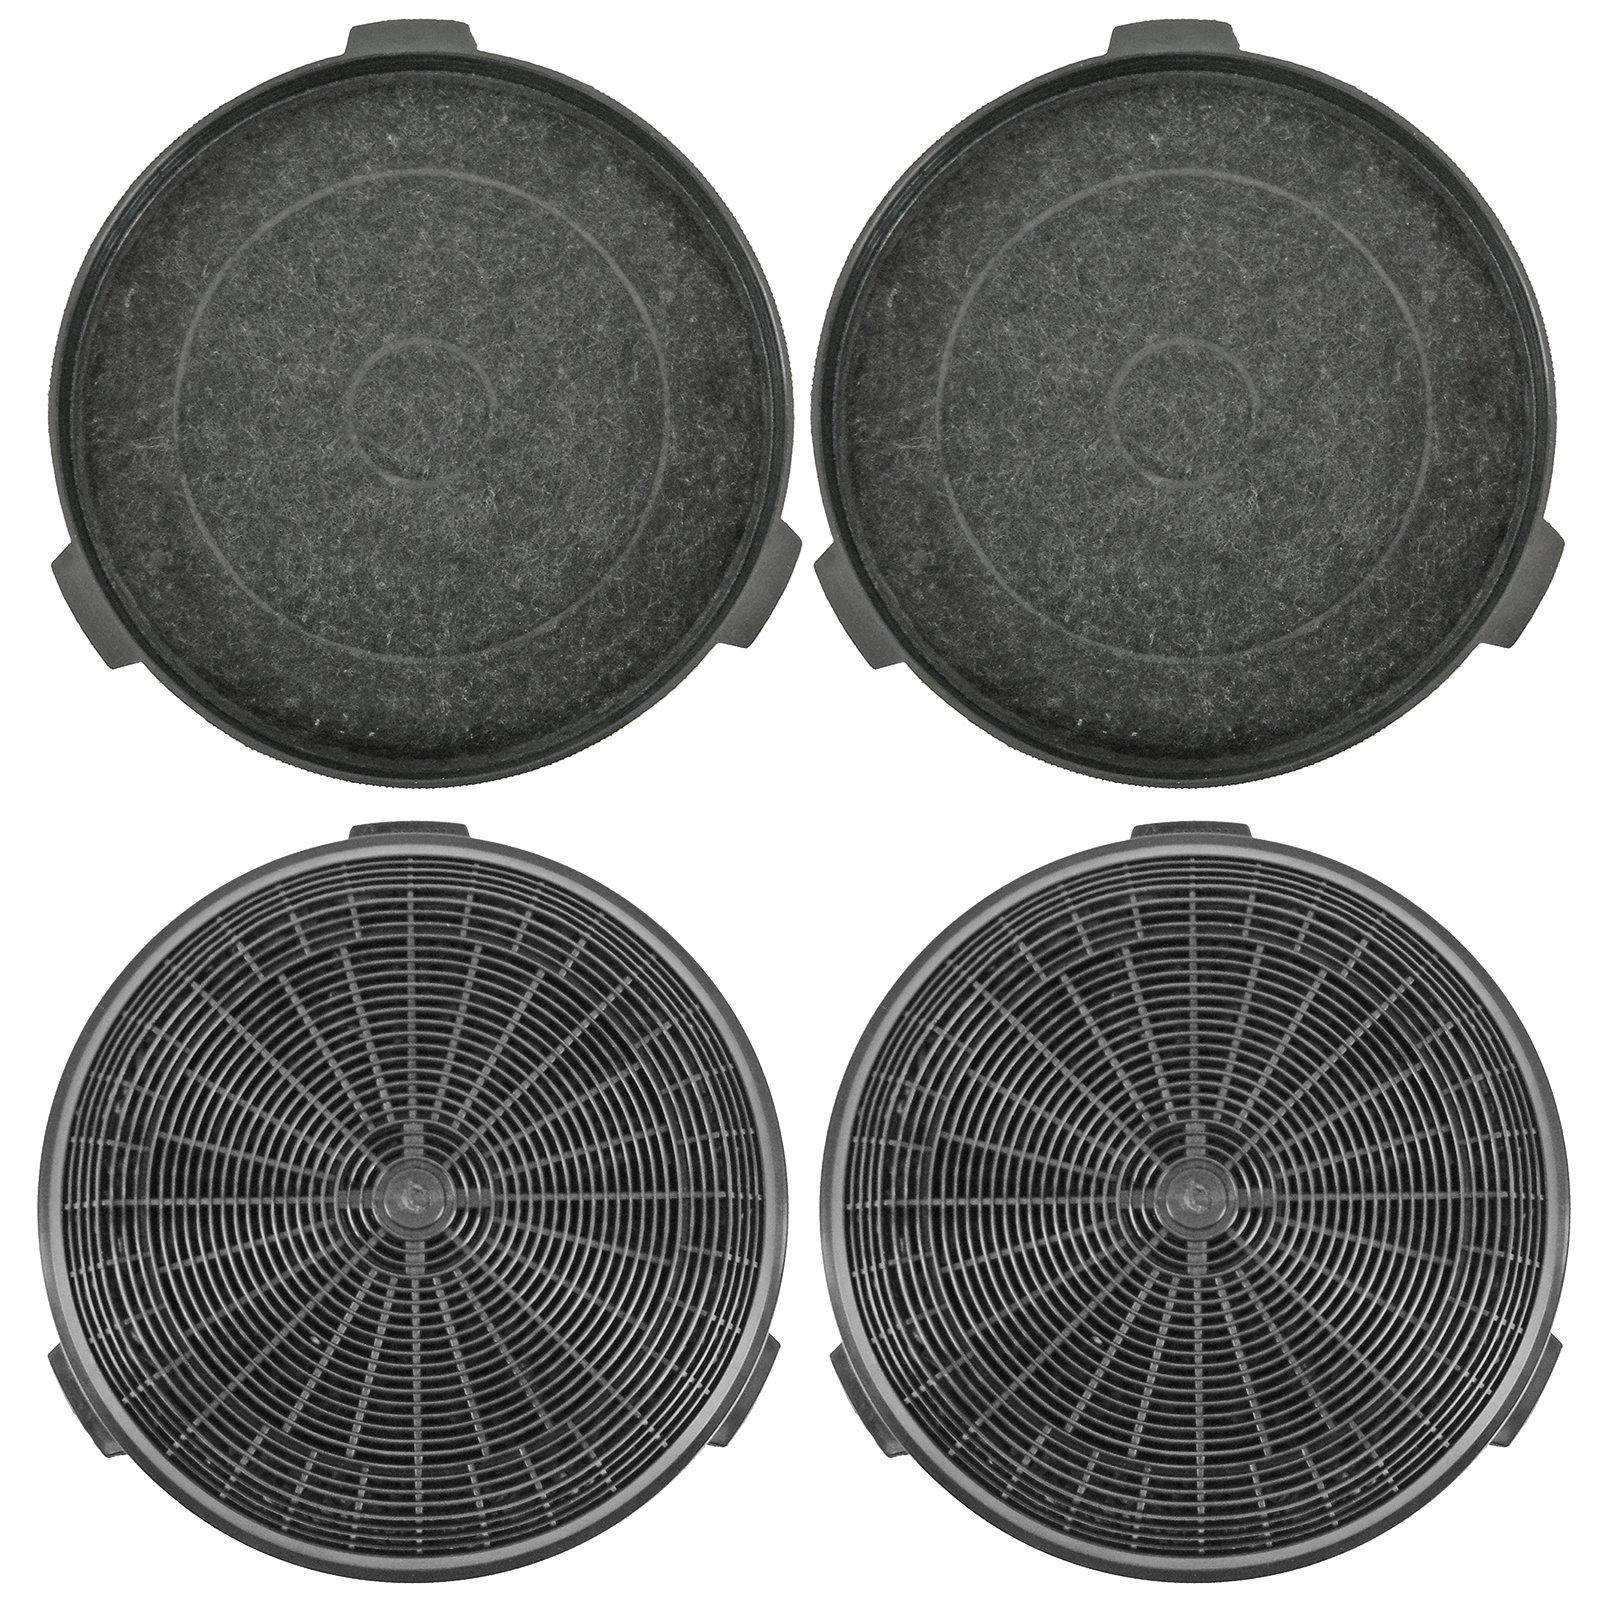 Spares2go carbfilt5 tipo extractor ventilación filtro para B & Q/cata/Cooke & Lewis/Designair Campana (Pack de 4): Amazon.es: Hogar